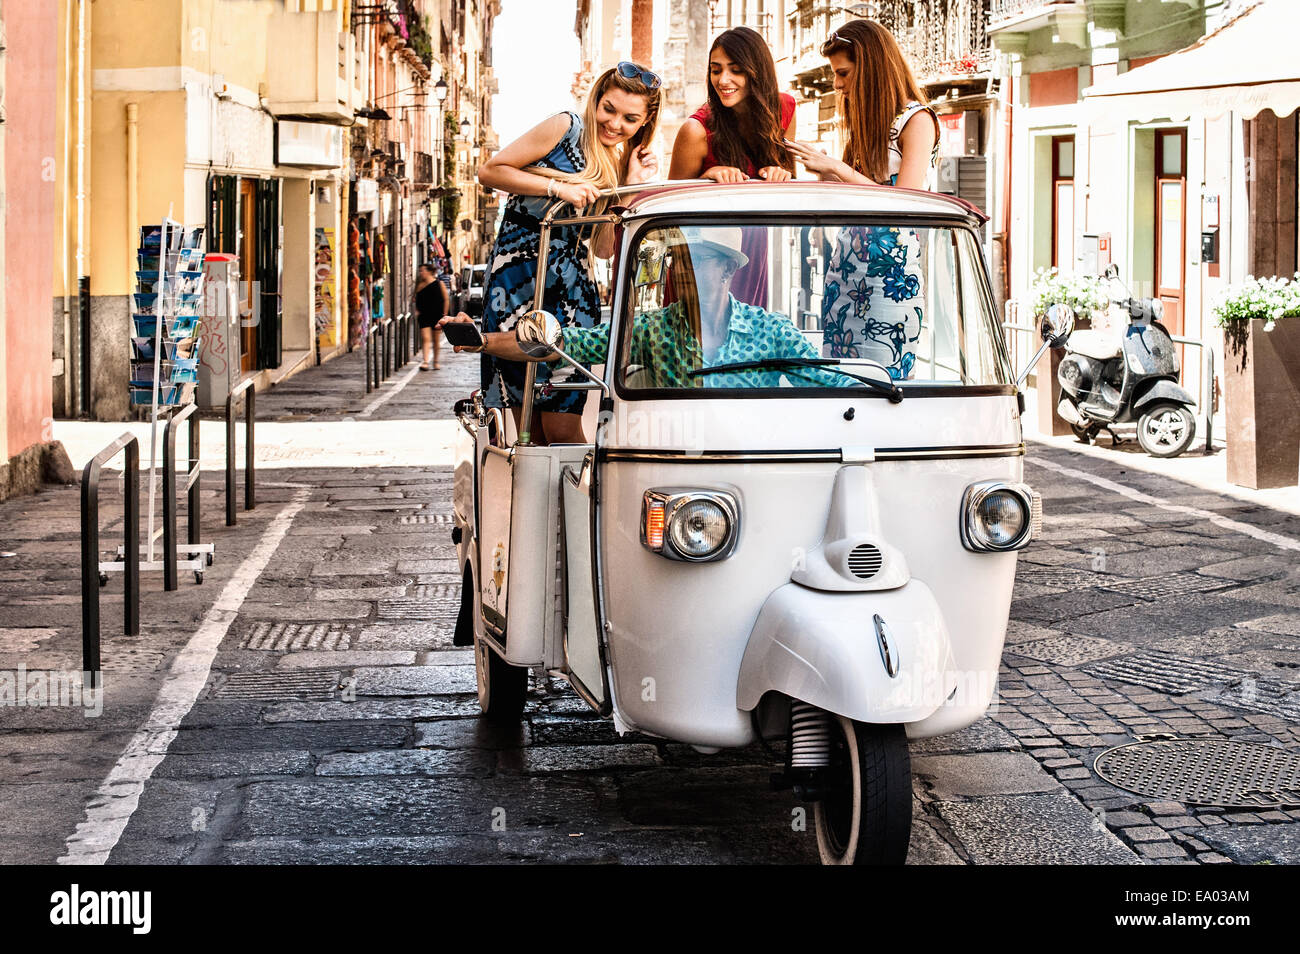 Trois jeunes femmes debout dans ouvrir siège arrière de l'Italien taxi, Cagliari, Sardaigne, Italie Photo Stock